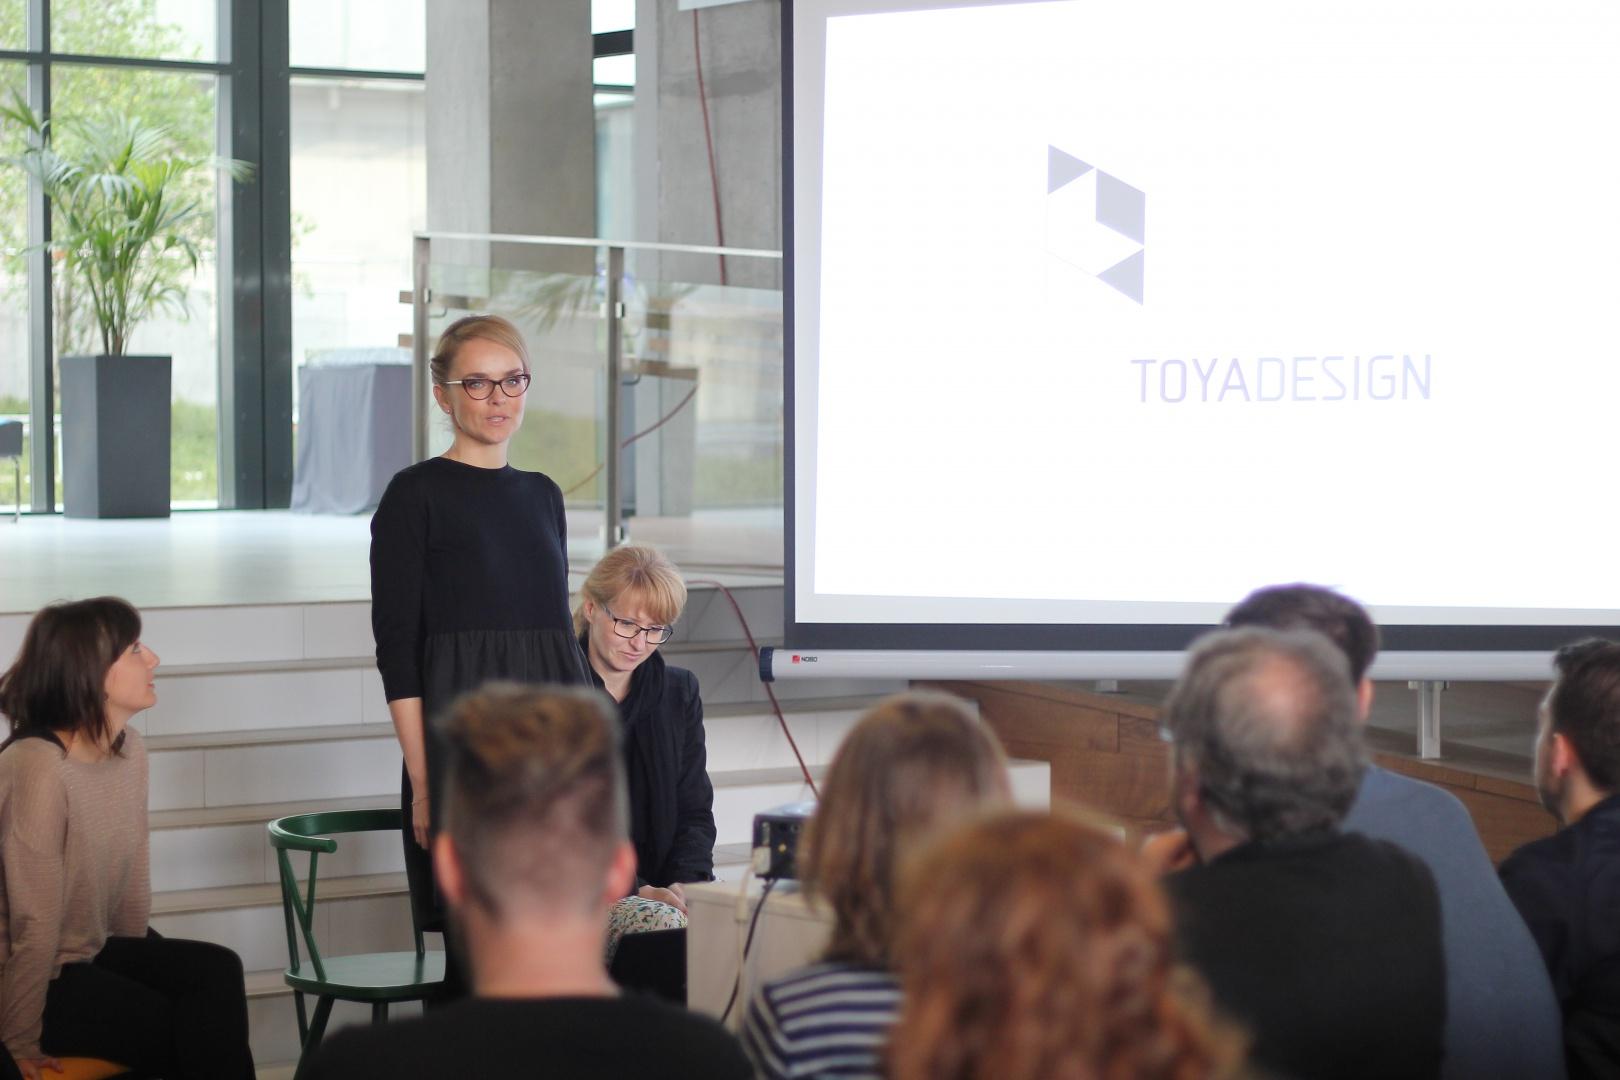 Festiwal to krok w kierunku zintegrowania polskich artystów i projektantów, ale także partnerów zaangażowanych w realizację imprezy. Fot. Poznań Design Days.